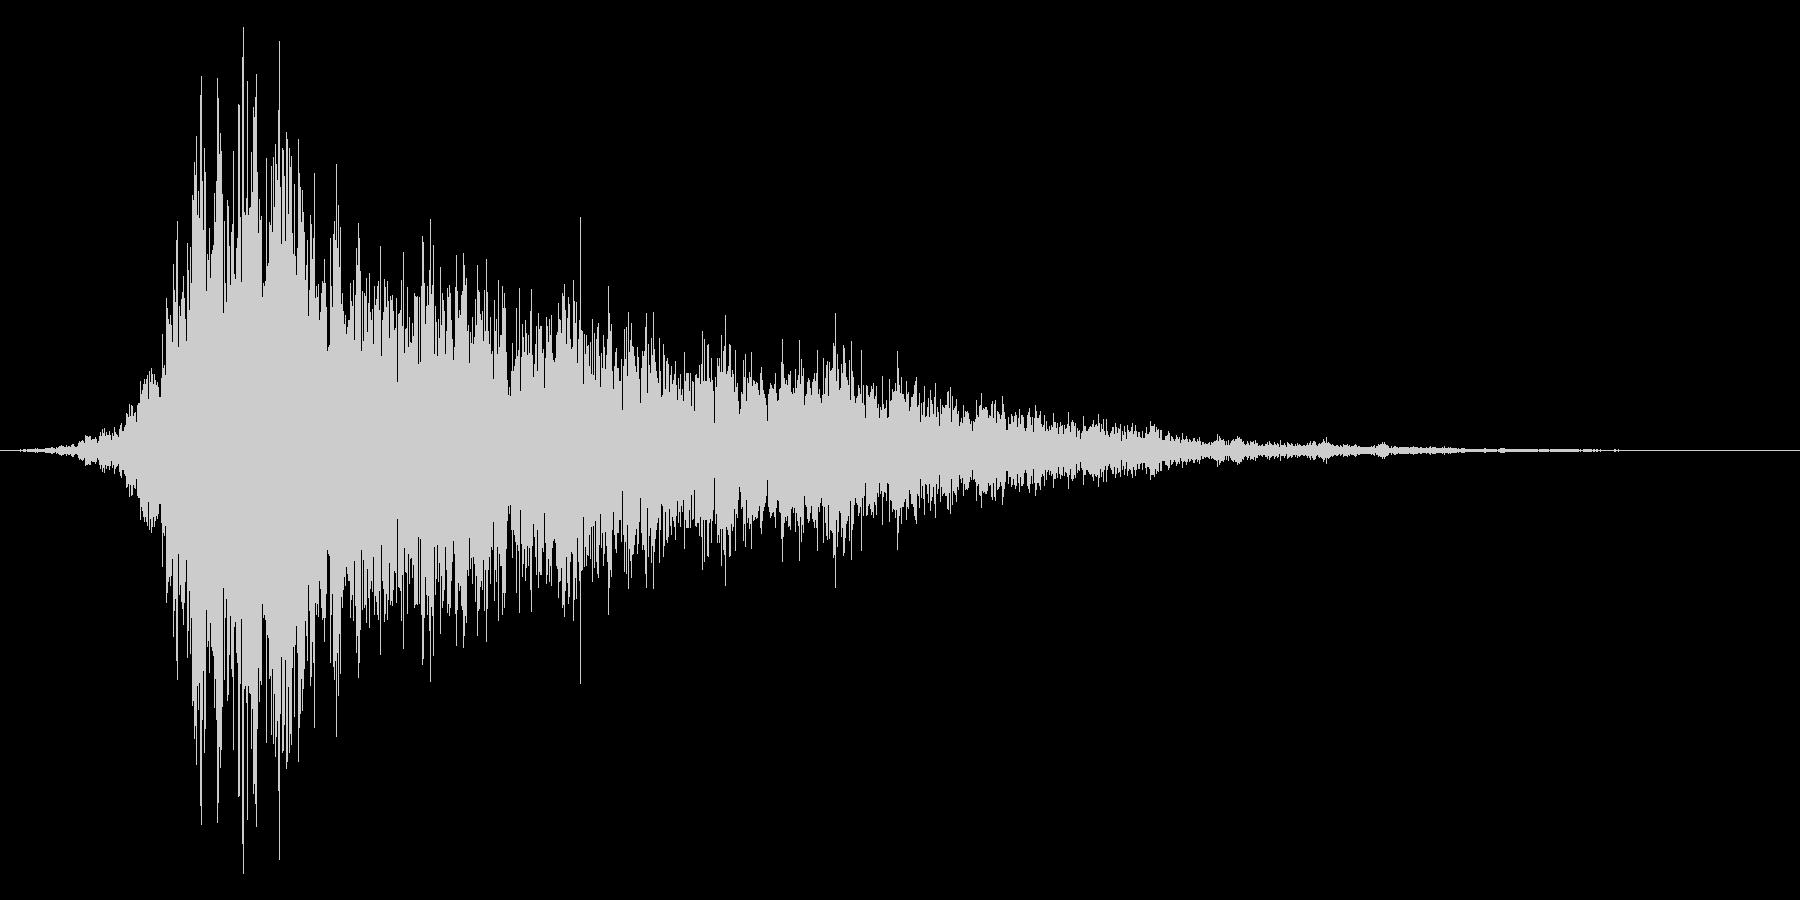 シュイーン(ワープ音など)の未再生の波形